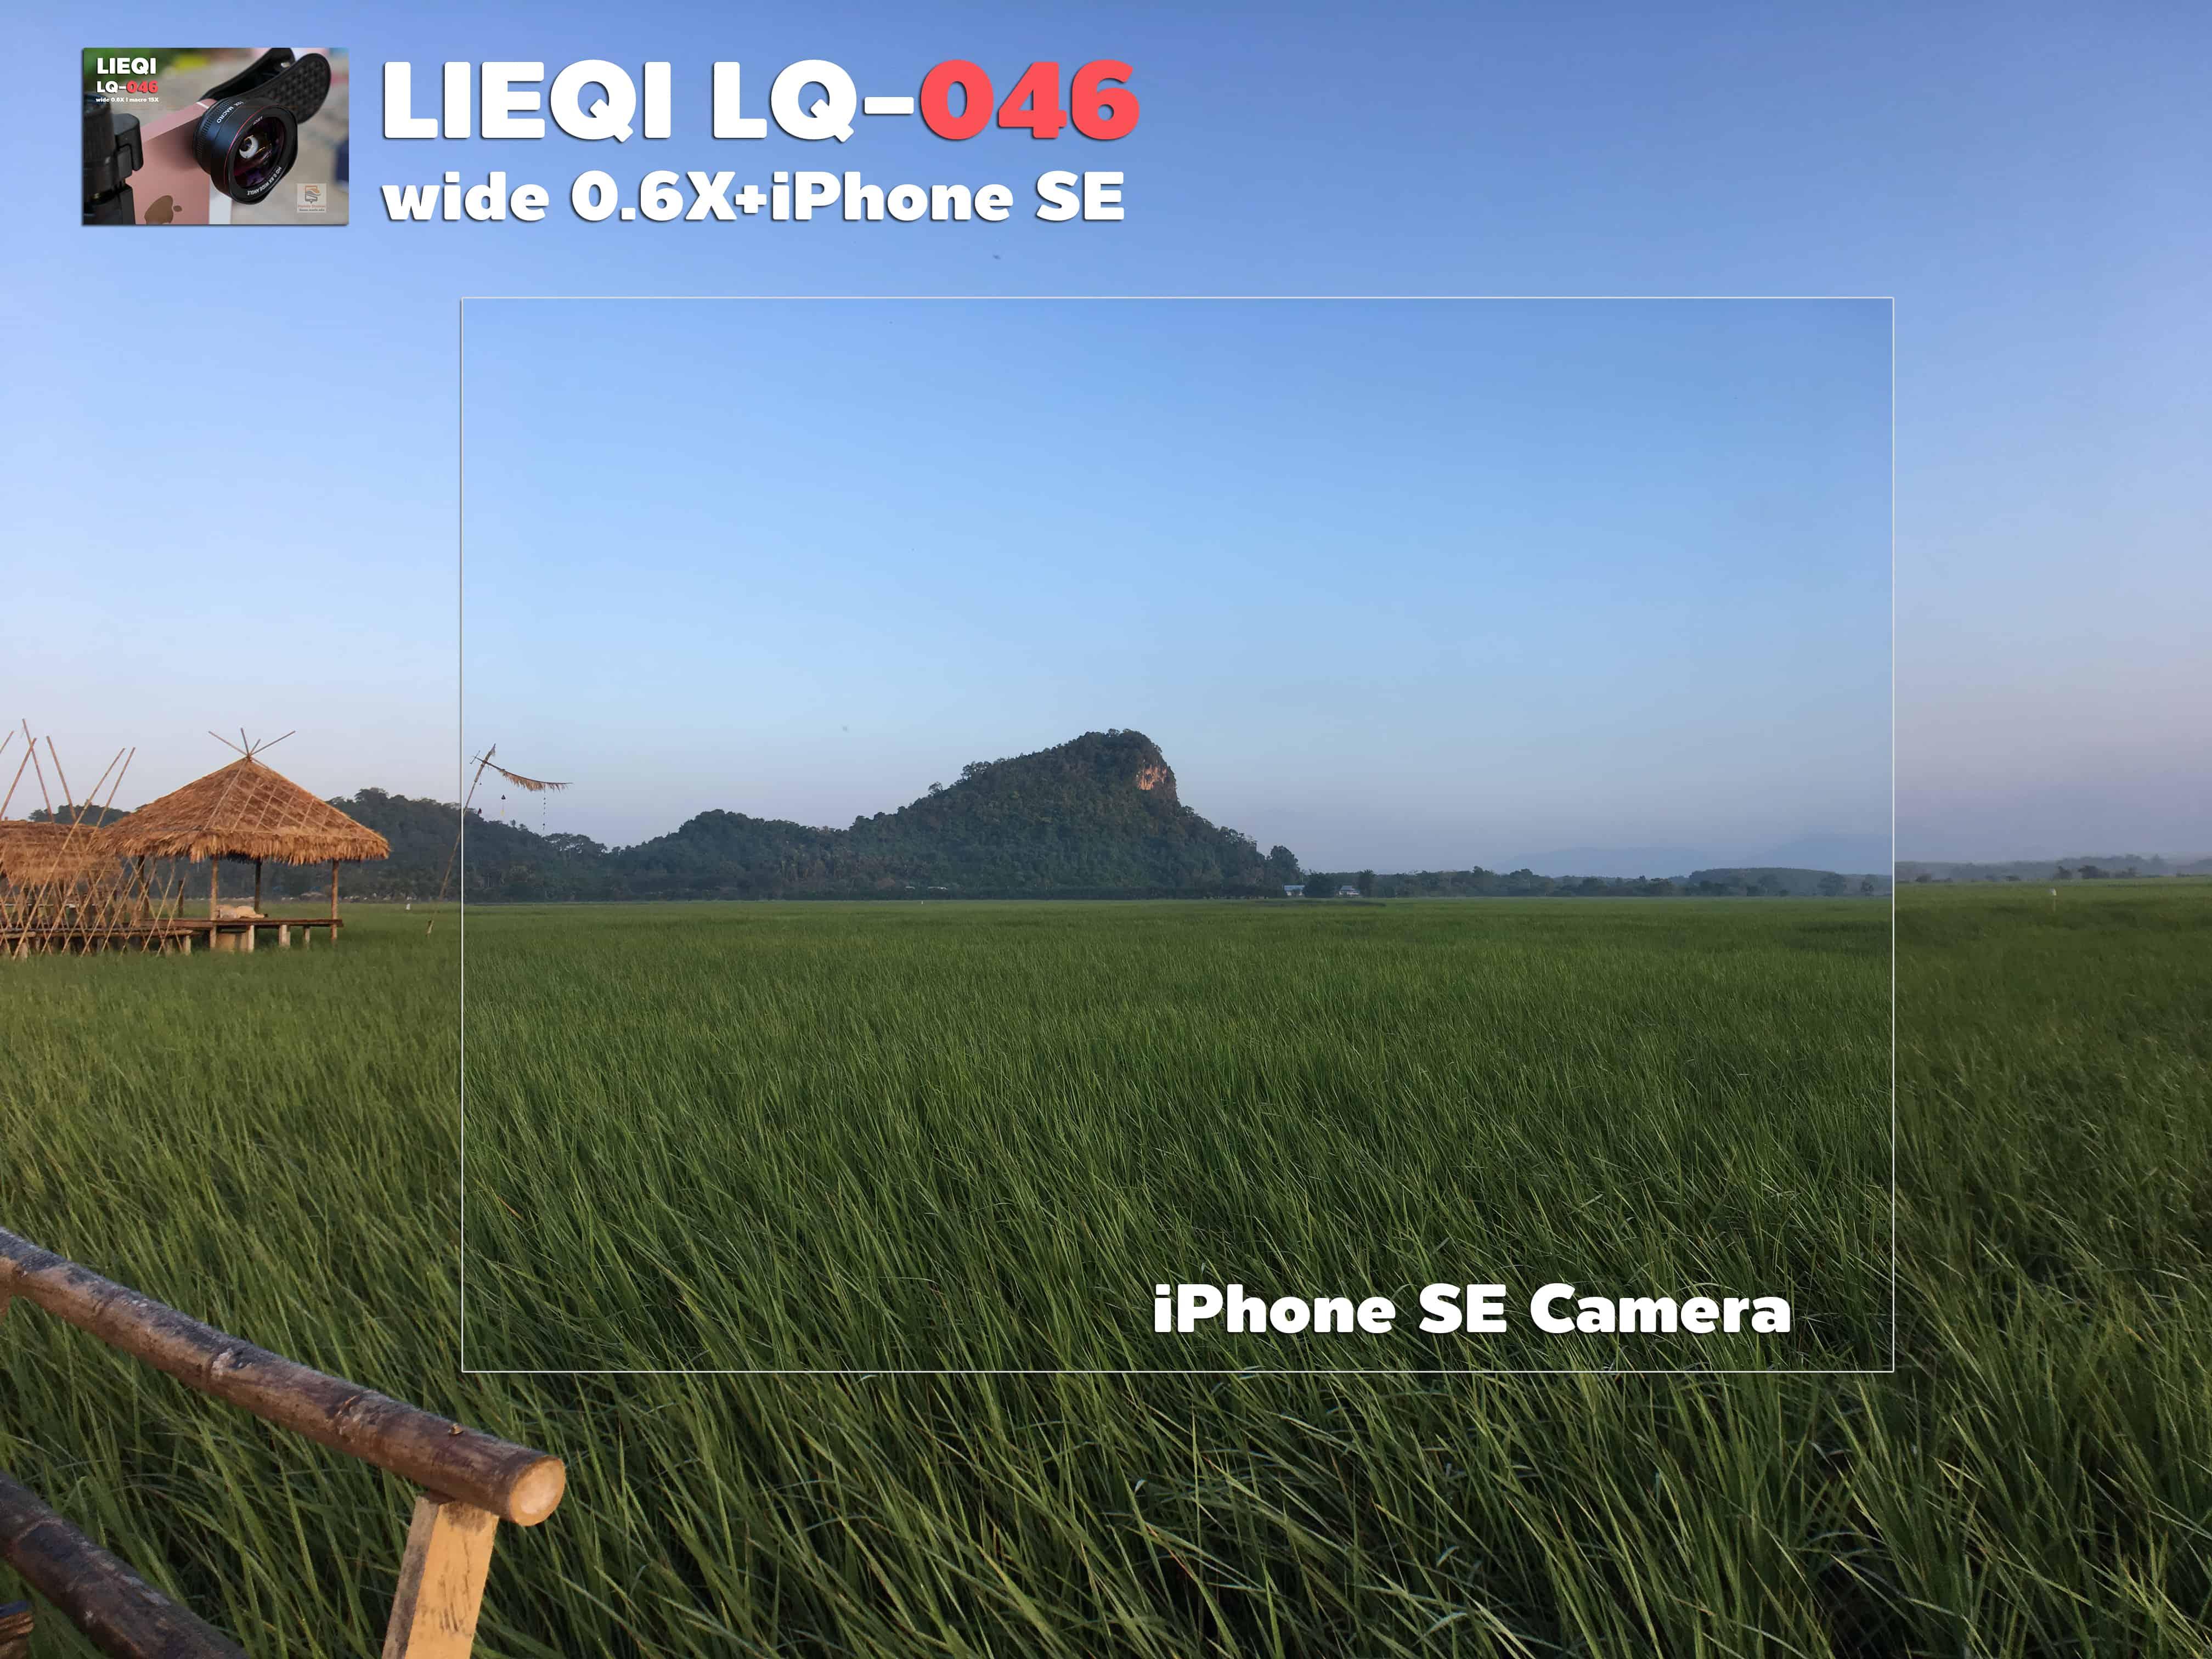 รีวิว LQ-046 เลนส์มือถือ Lieqi HD Wide 0.6X+Macro 15X ถ่ายสวยใส ไม่มีขอบดำ คมชัดทั้งภาพ กล้อง iPhone SE-10